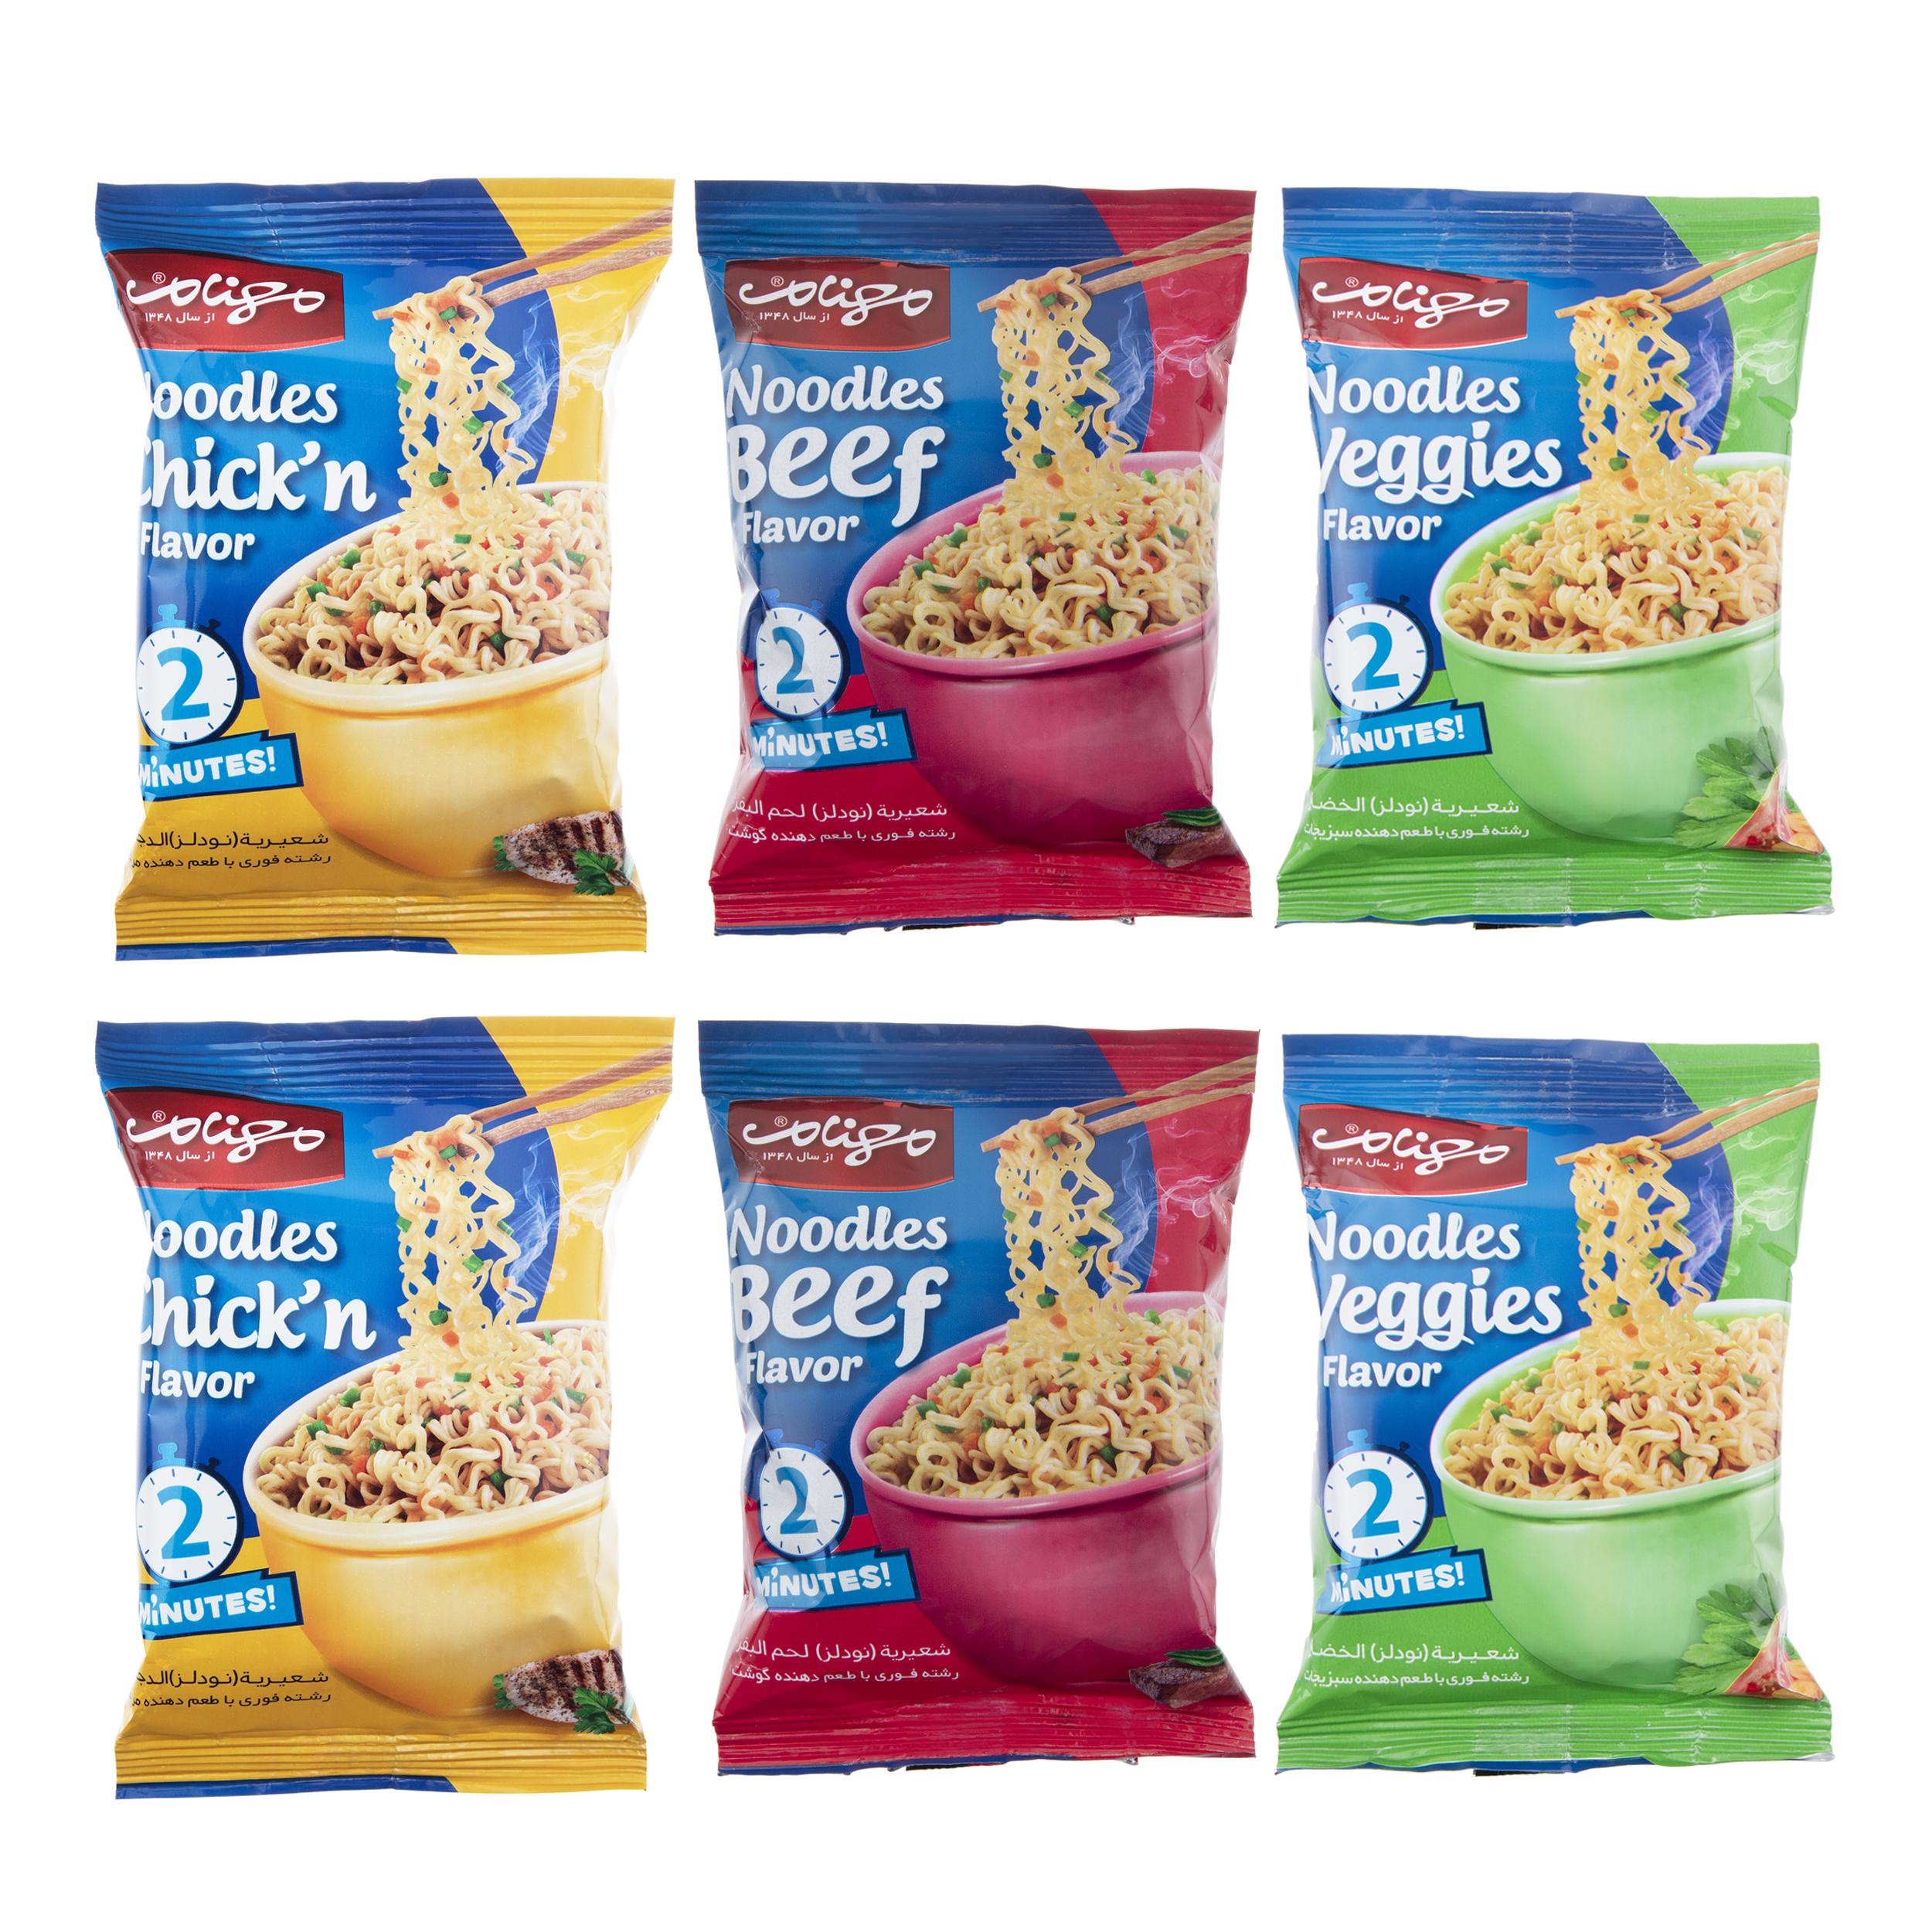 نودل طعم دار  مهنام  - 65 گرم  بسته 6 عددی